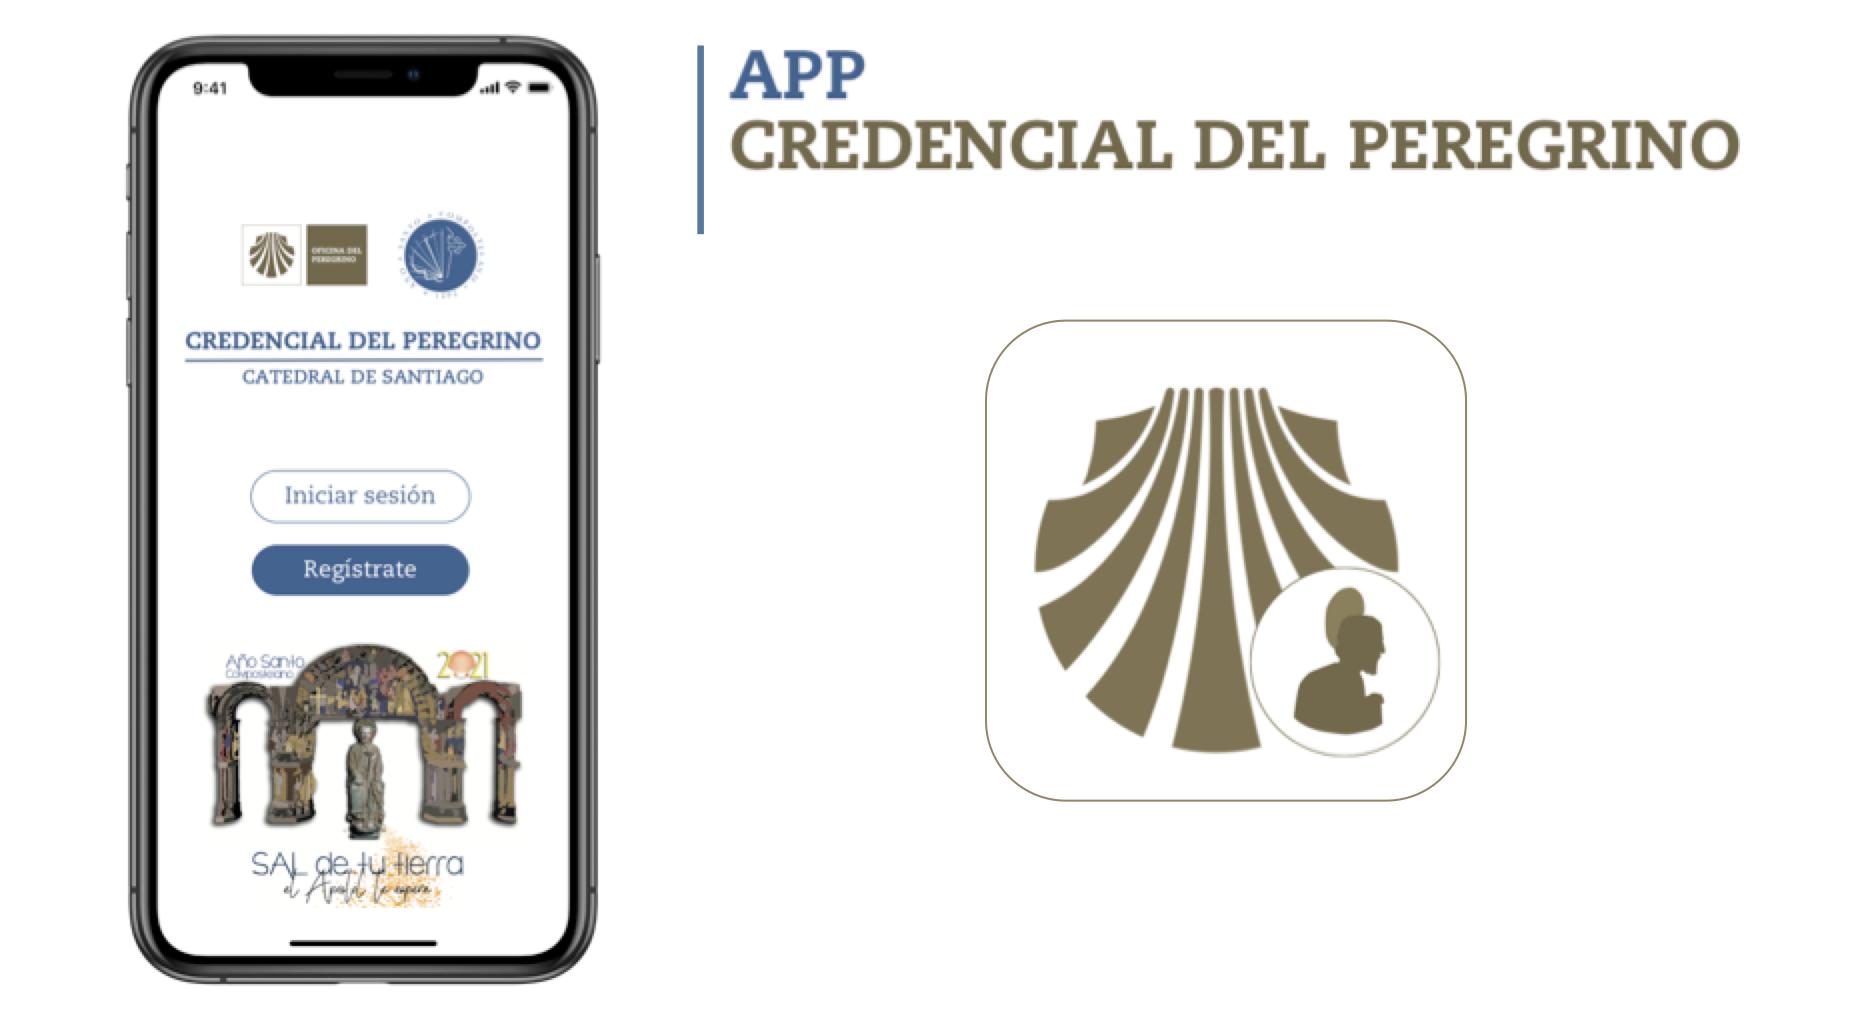 https://oficinadelperegrino.com/wp-content/uploads/2020/09/Captura-de-pantalla-2020-09-30-a-las-10.21.30.png